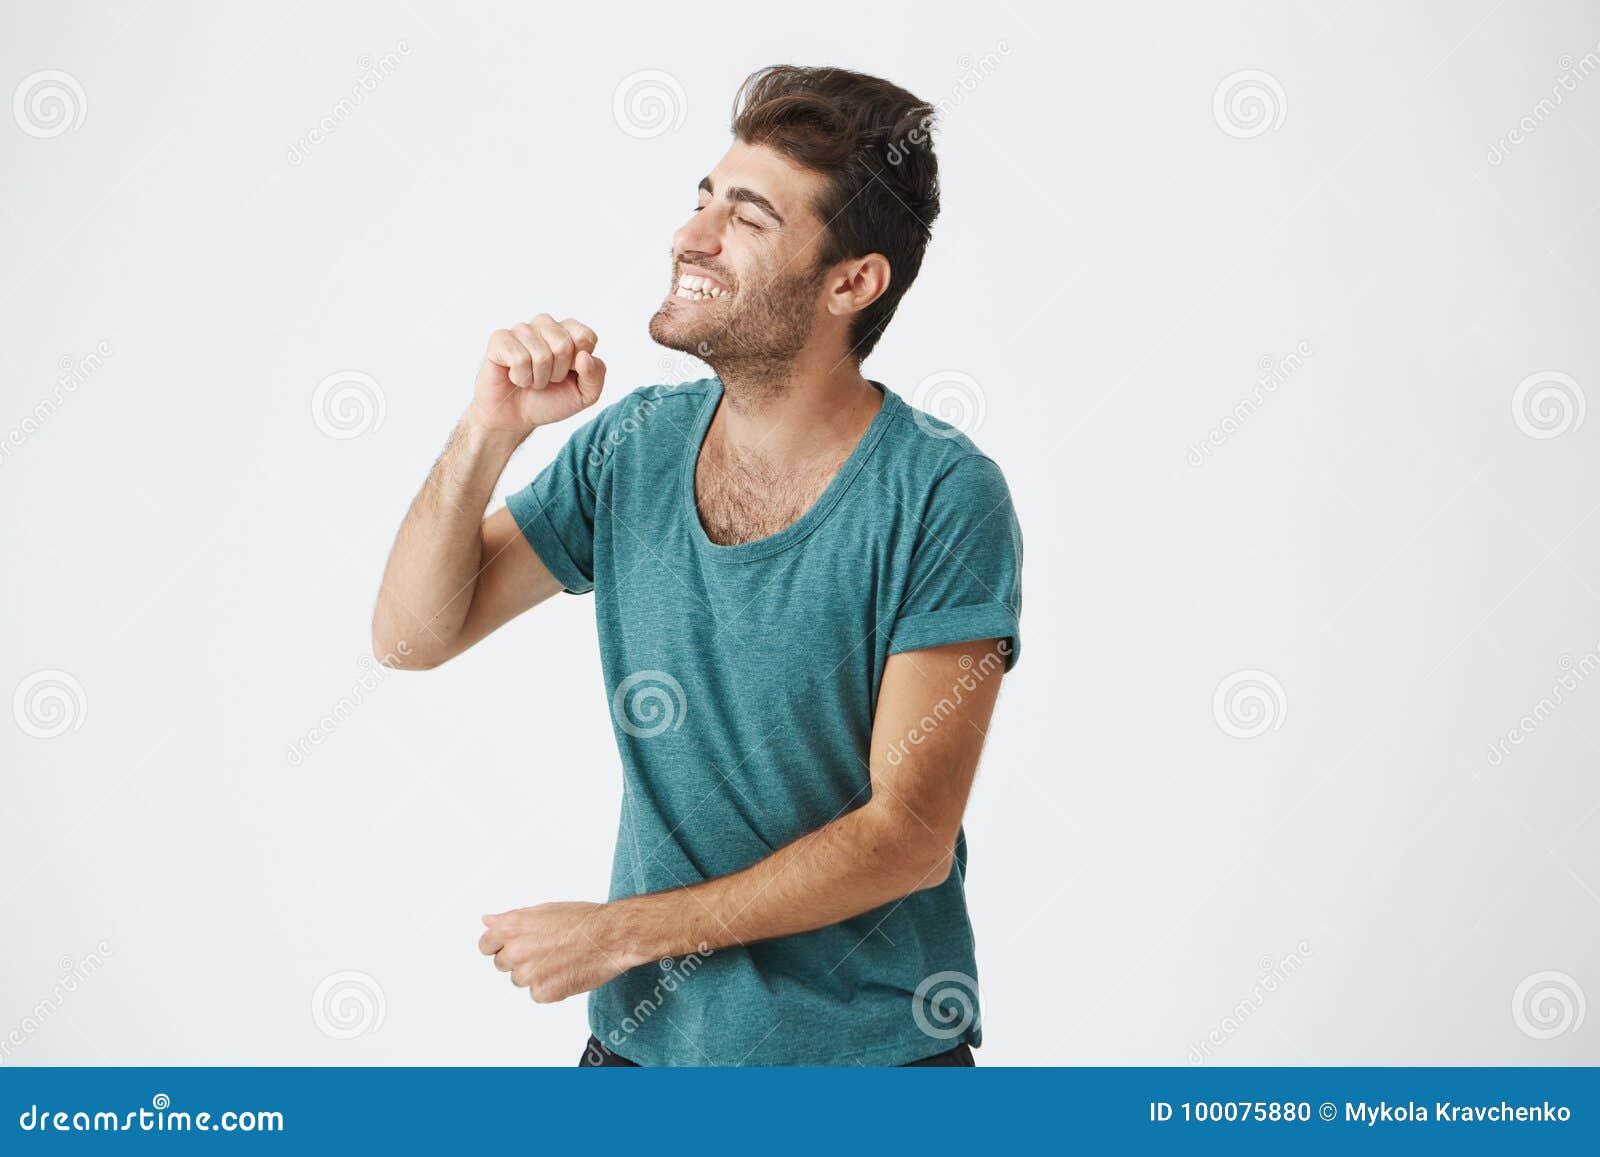 Salowy portret ekspresyjny hiszpański dojrzały facet śpiewa z eleganckim ostrzyżeniem w błękitnej koszulce, jaskrawy ono uśmiecha